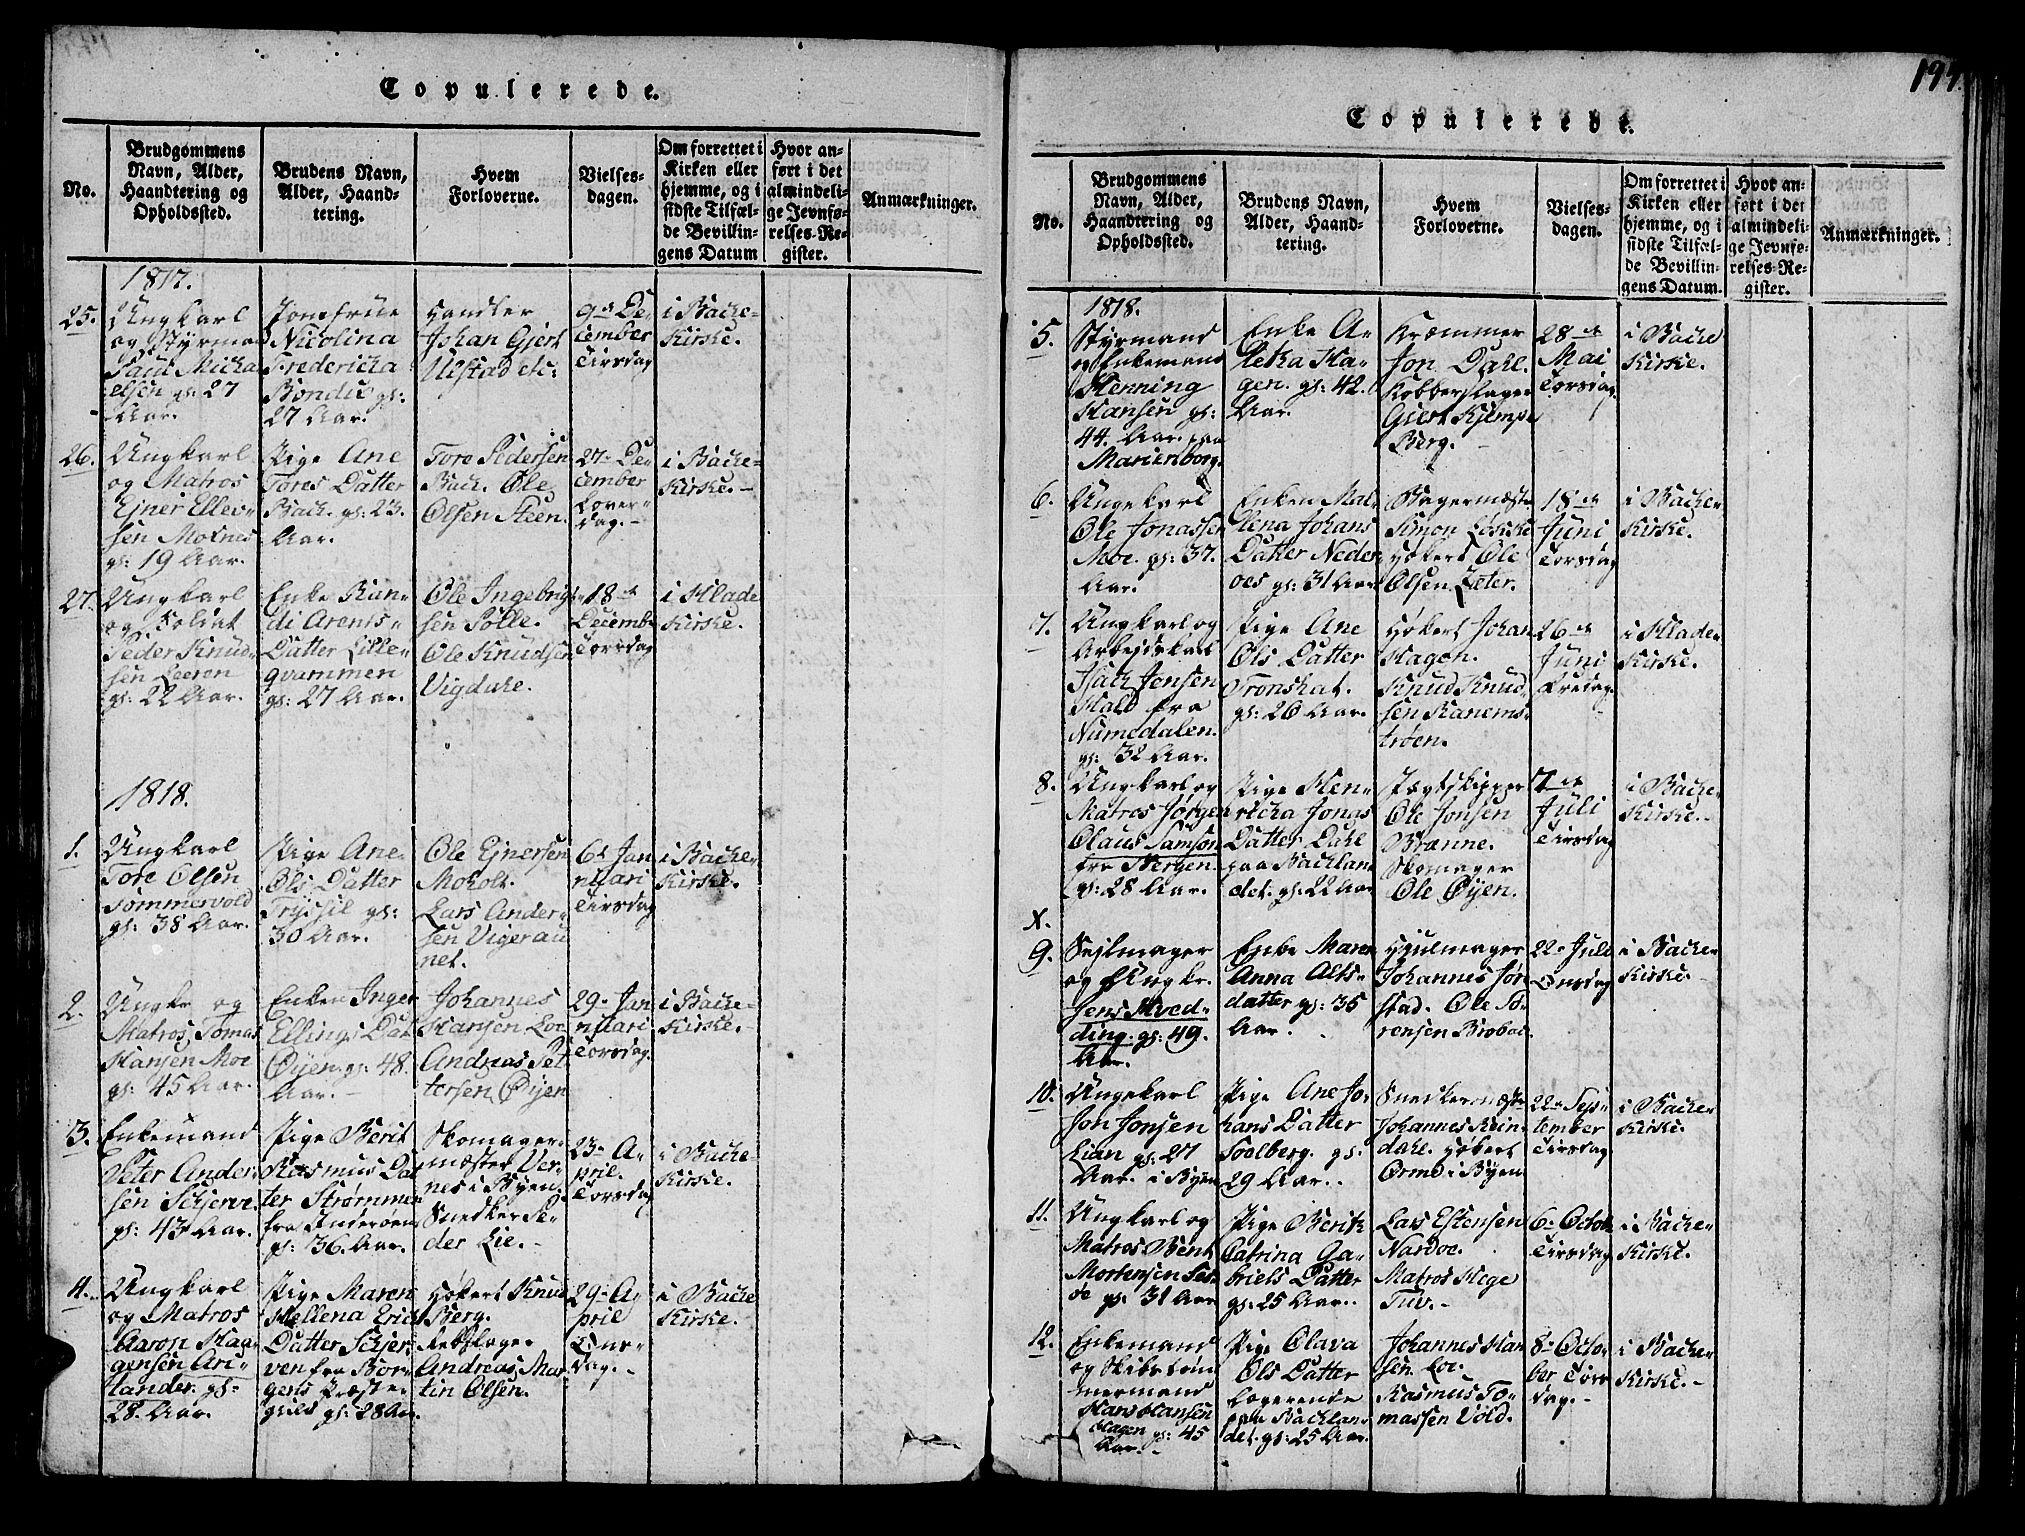 SAT, Ministerialprotokoller, klokkerbøker og fødselsregistre - Sør-Trøndelag, 606/L0307: Klokkerbok nr. 606C03, 1817-1824, s. 194